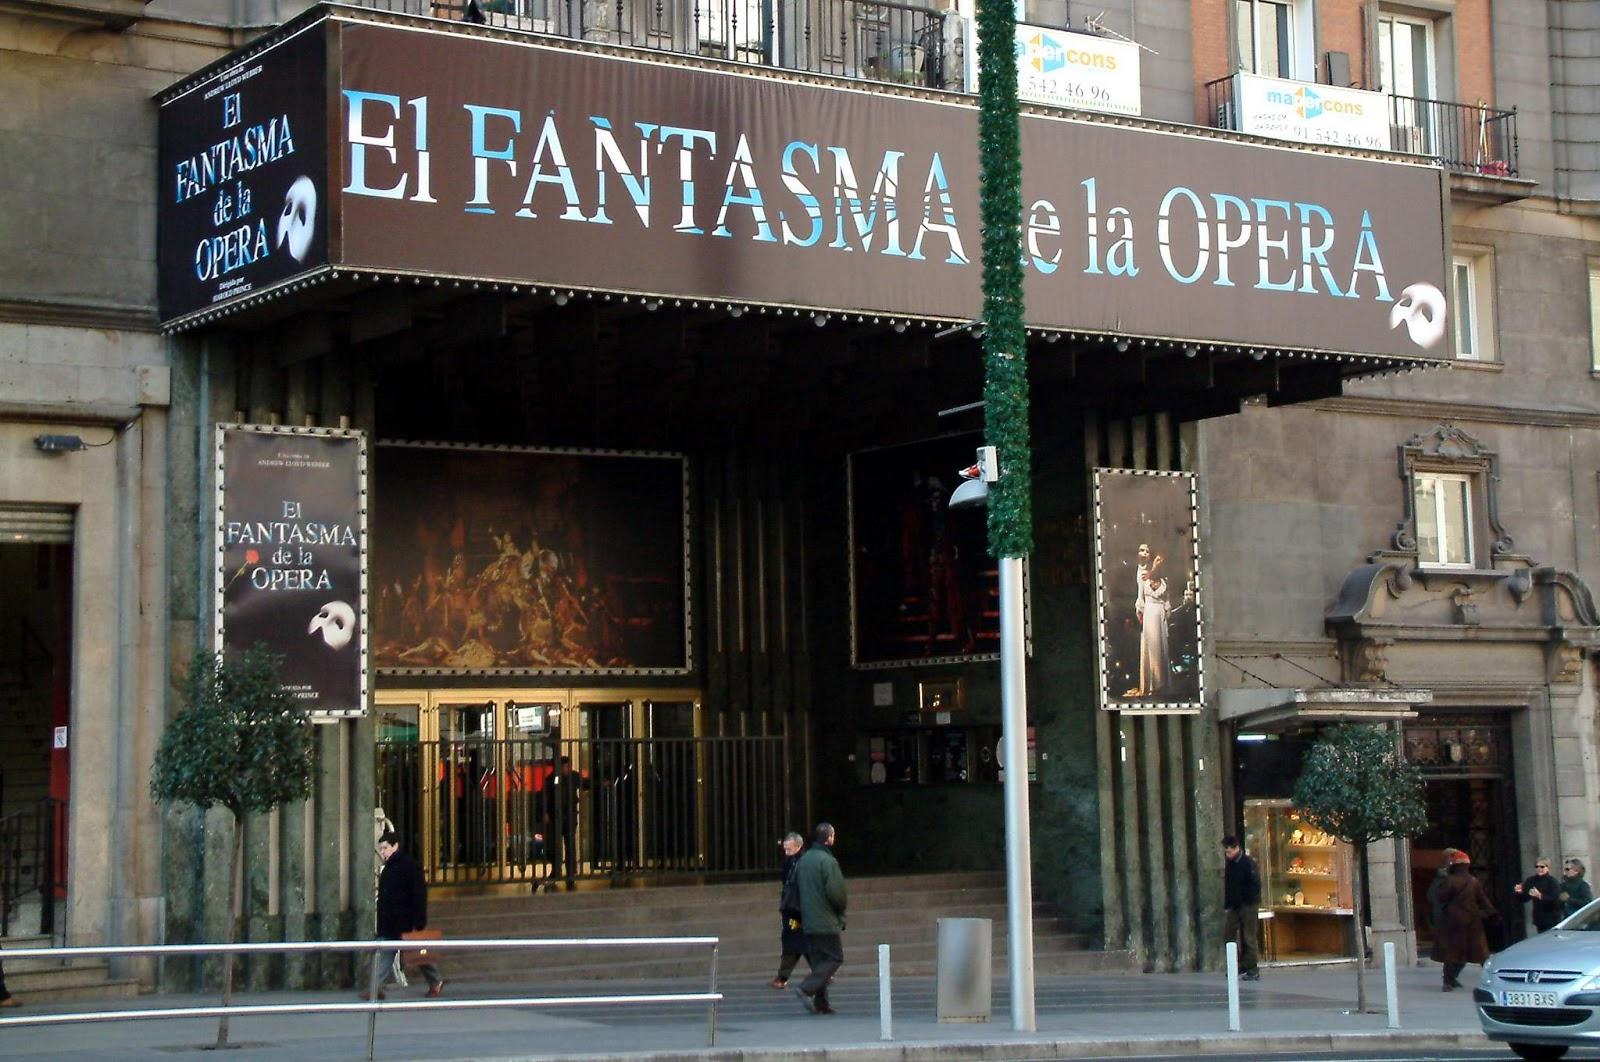 Marquestina del Teatro Lope de Vega de Madrid amb 'El Fantasma de la Ópera'.